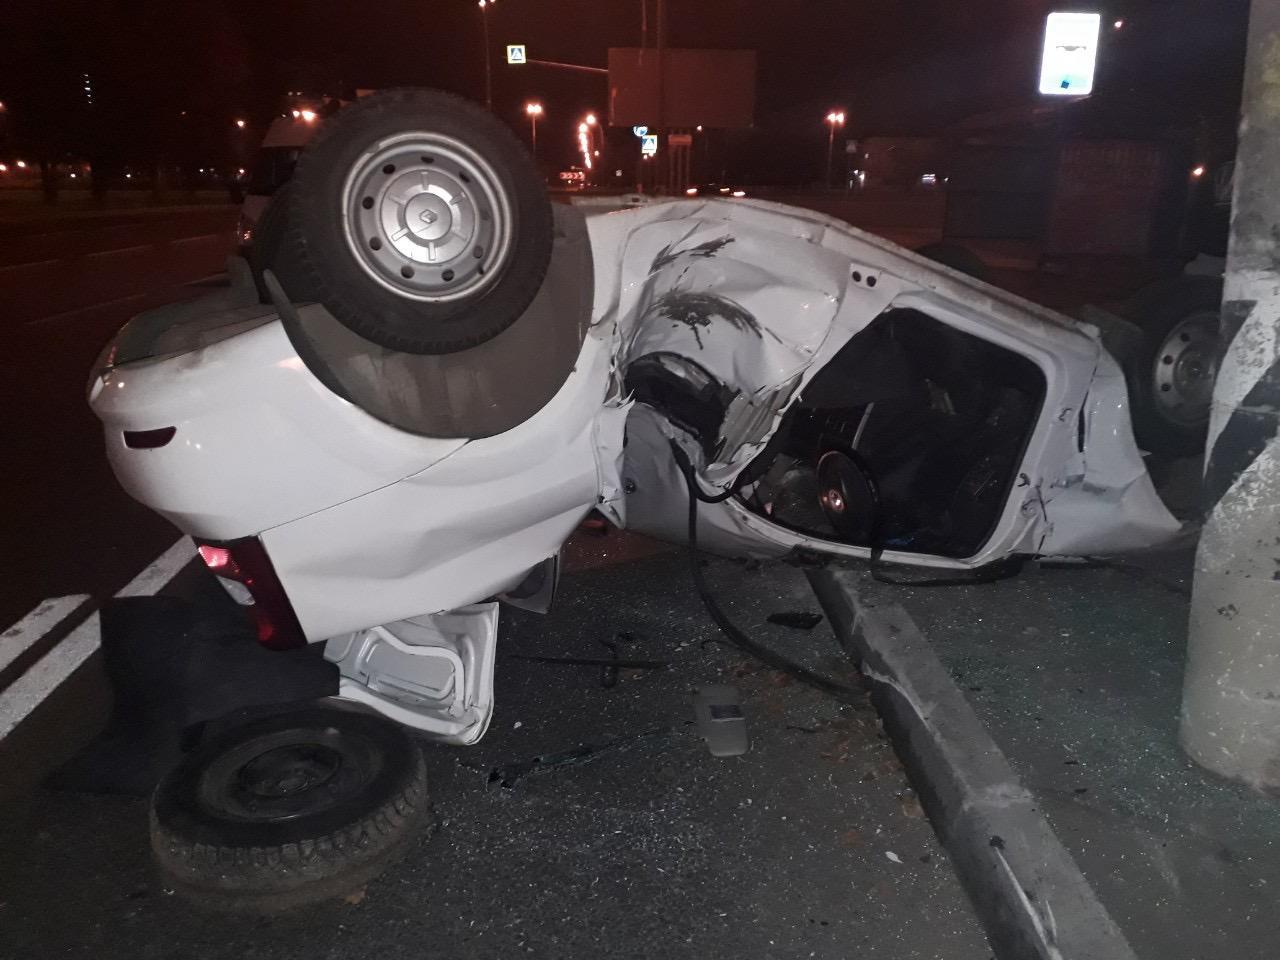 Люди живы: Полиция сообщила подробности аварии с иномаркой, которую намотало на столб